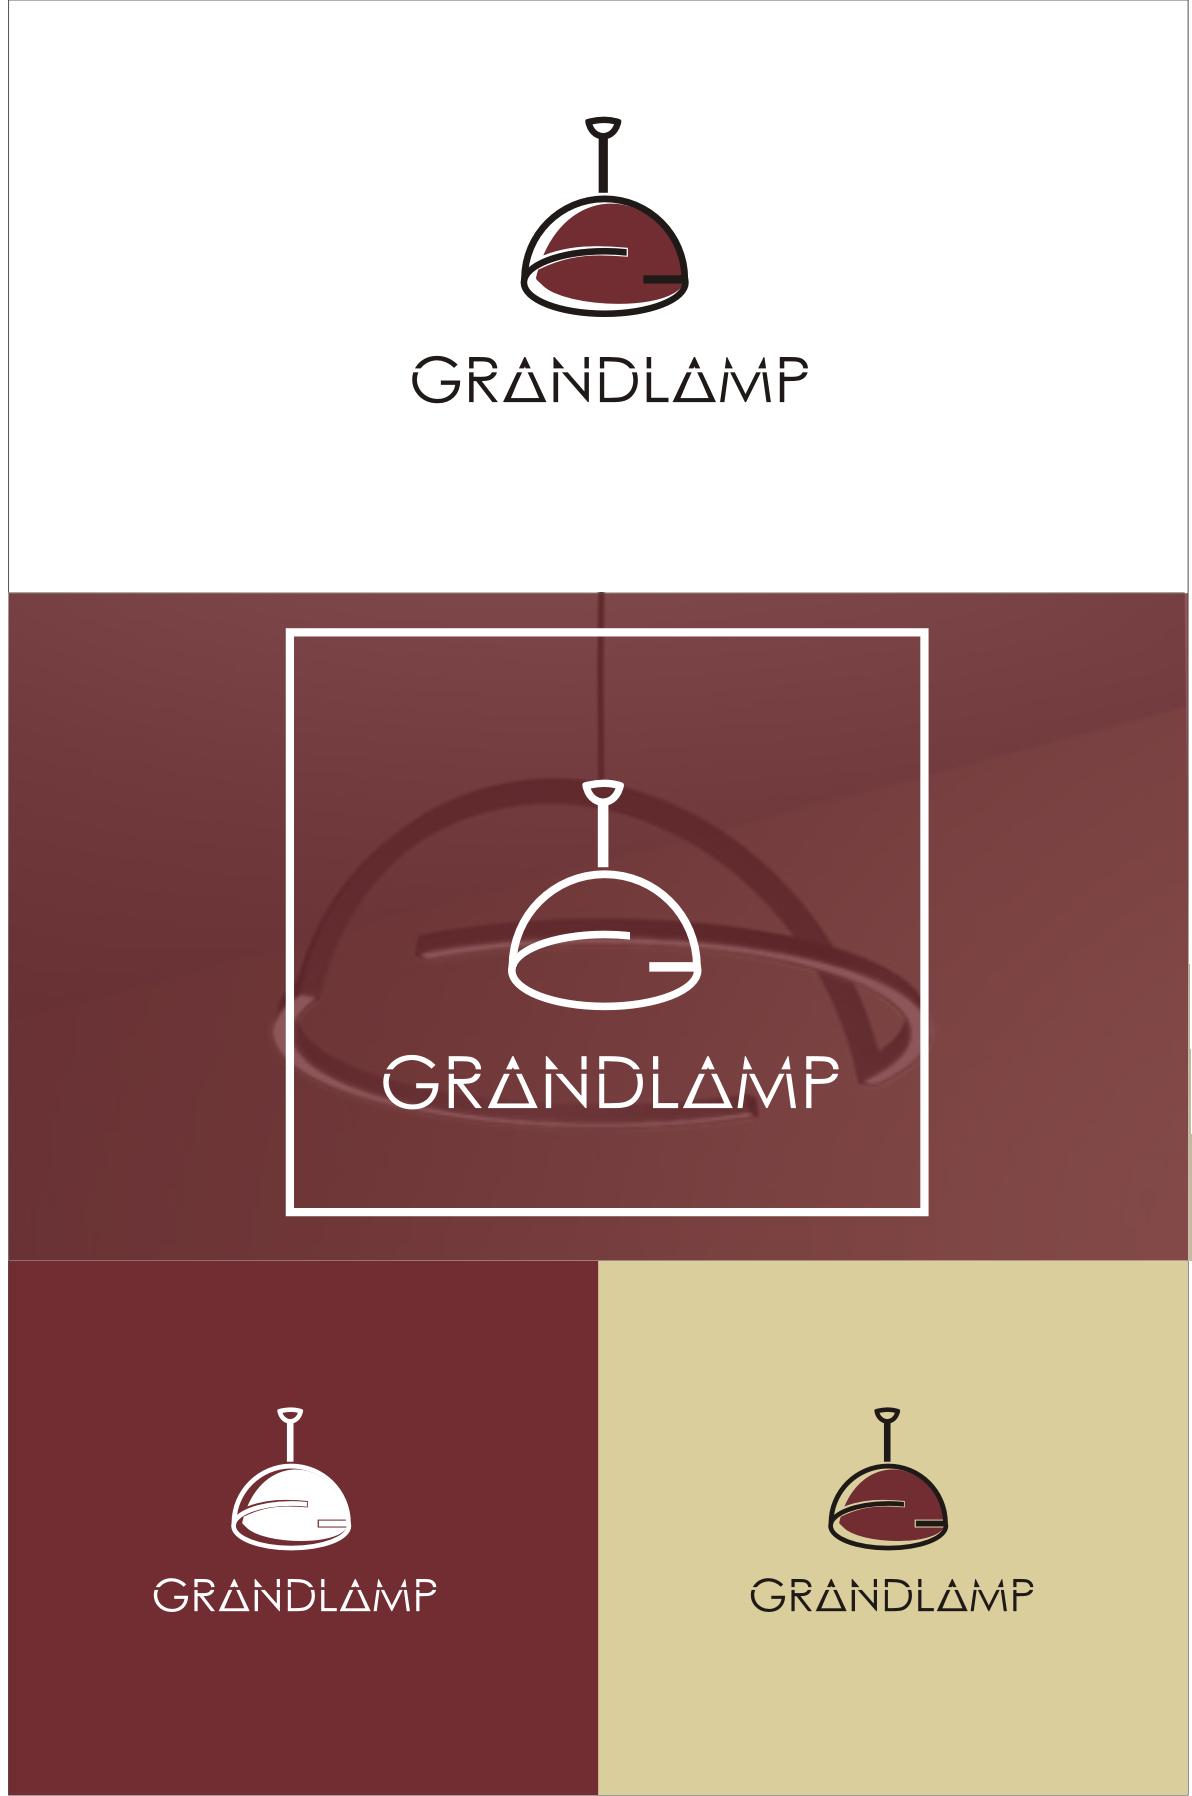 Разработка логотипа и элементов фирменного стиля фото f_35757dfbc8135f78.png